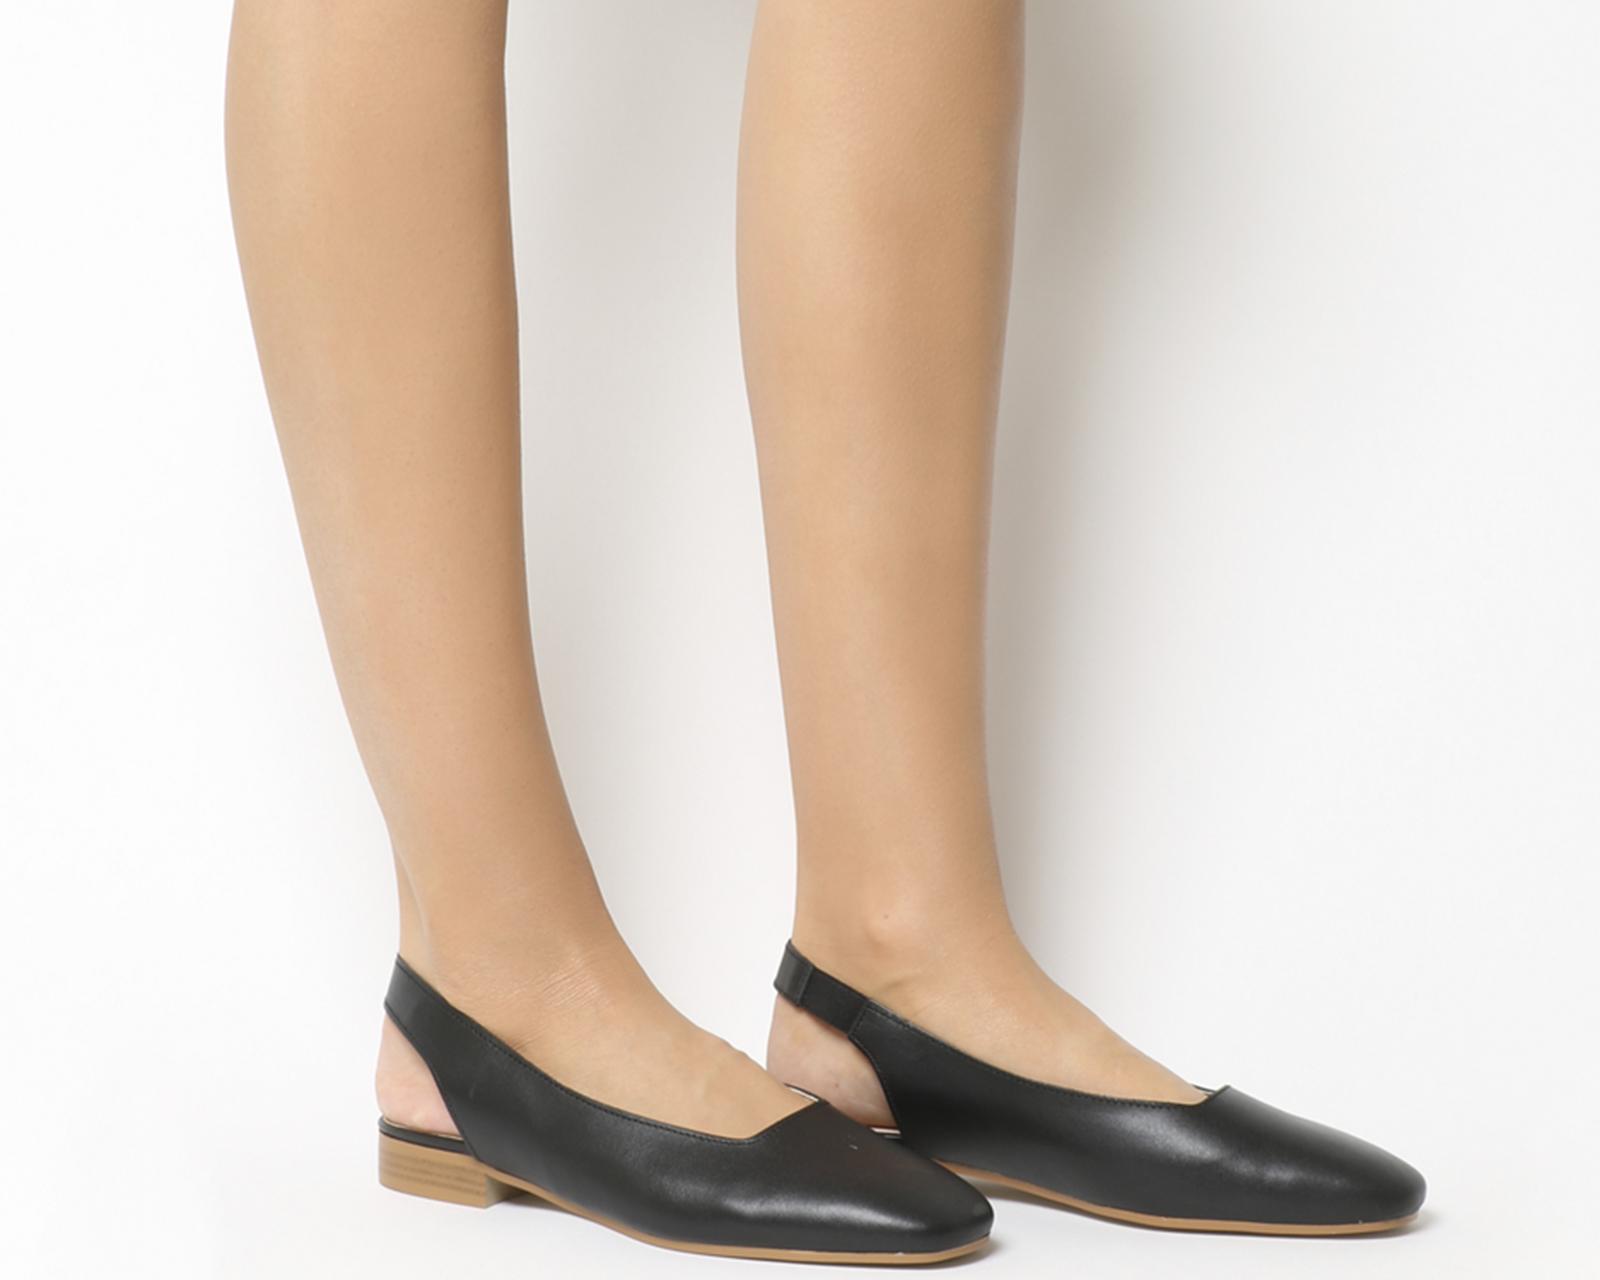 scarpe da ginnastica a buon mercato 69358 a5b56 Dettagli su Da Donna Ufficio Punta Quadrata Fluke ALL. dietro Ballerine  Scarpe Basse in Pelle Nera- mostra il titolo originale